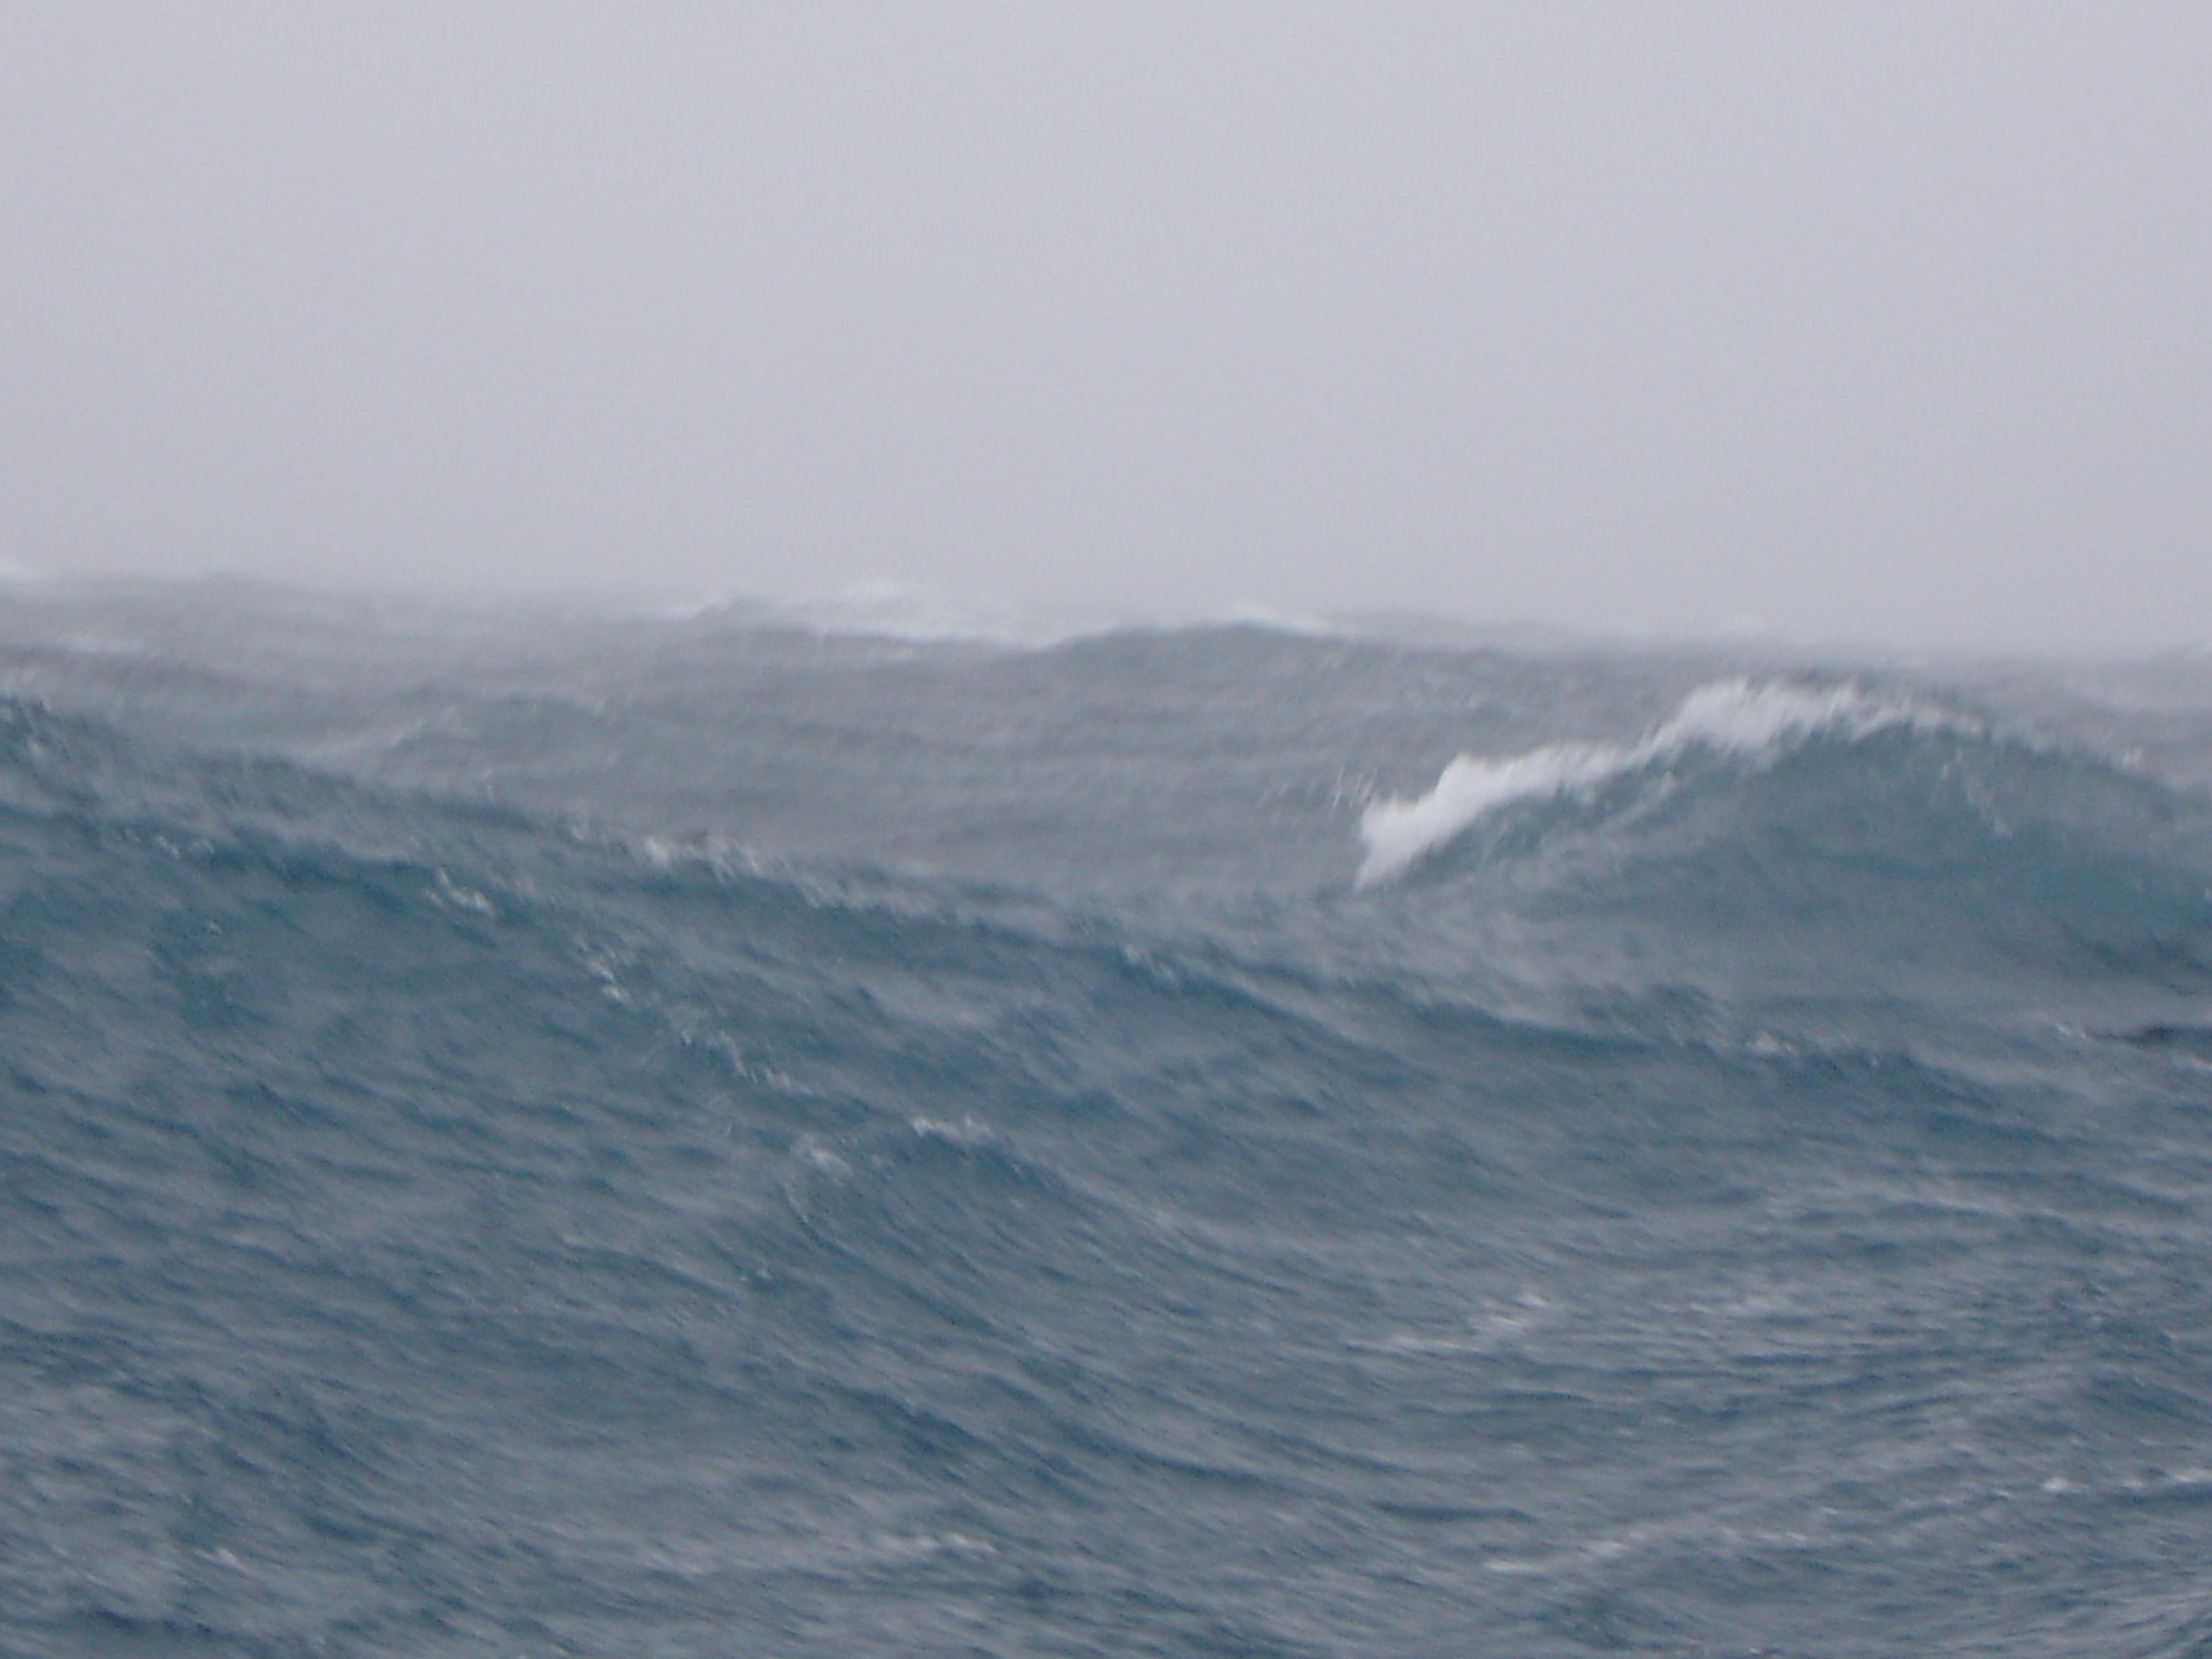 Федор Конюхов пережил на весельной лодке 12-бальный шторм: жуткое видео из океана приводит в ужас